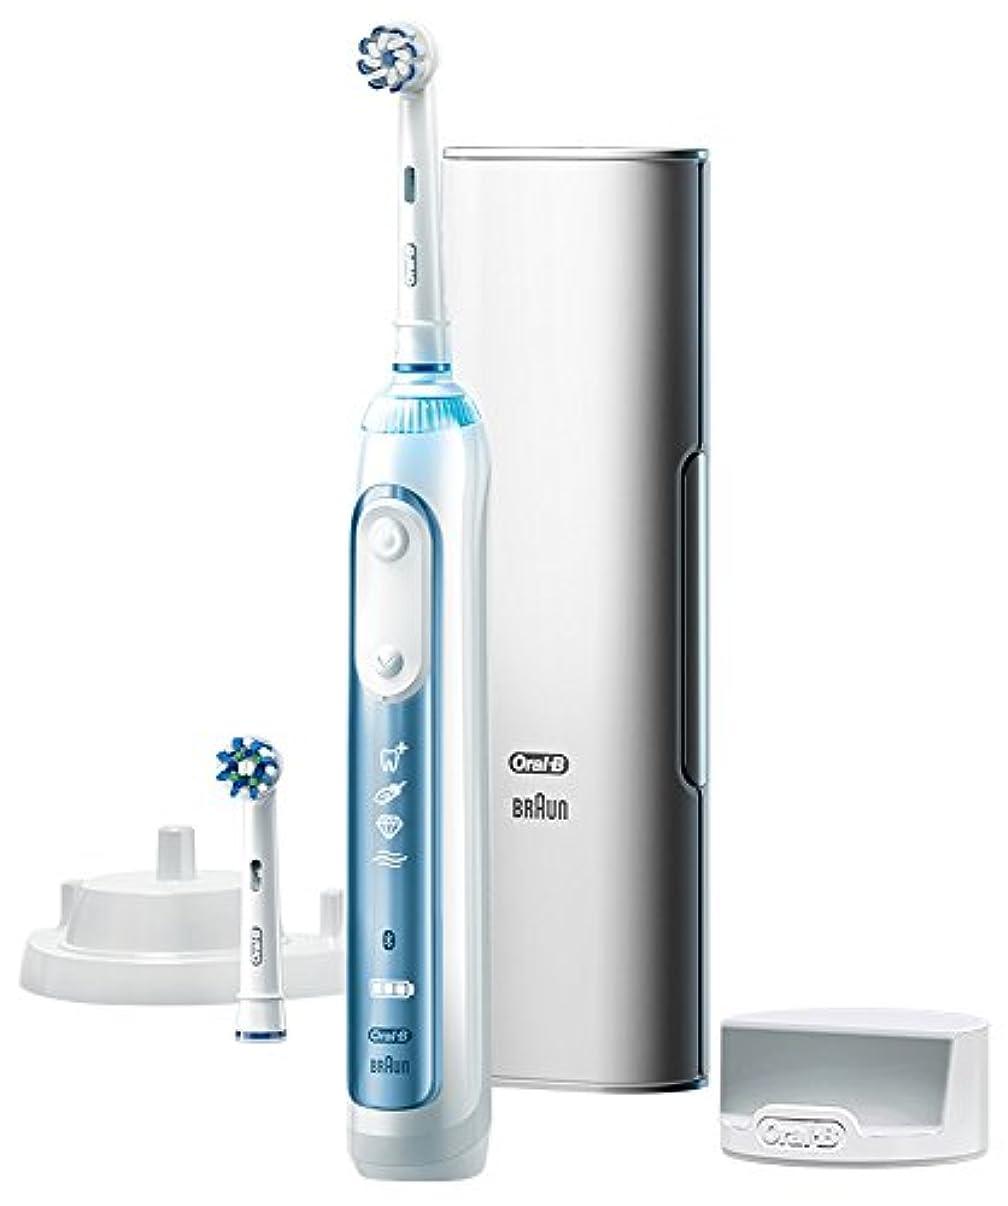 インシデント外部オーナメントブラウン オーラルB 電動歯ブラシ スマート7000 D7005245XP D7005245XP